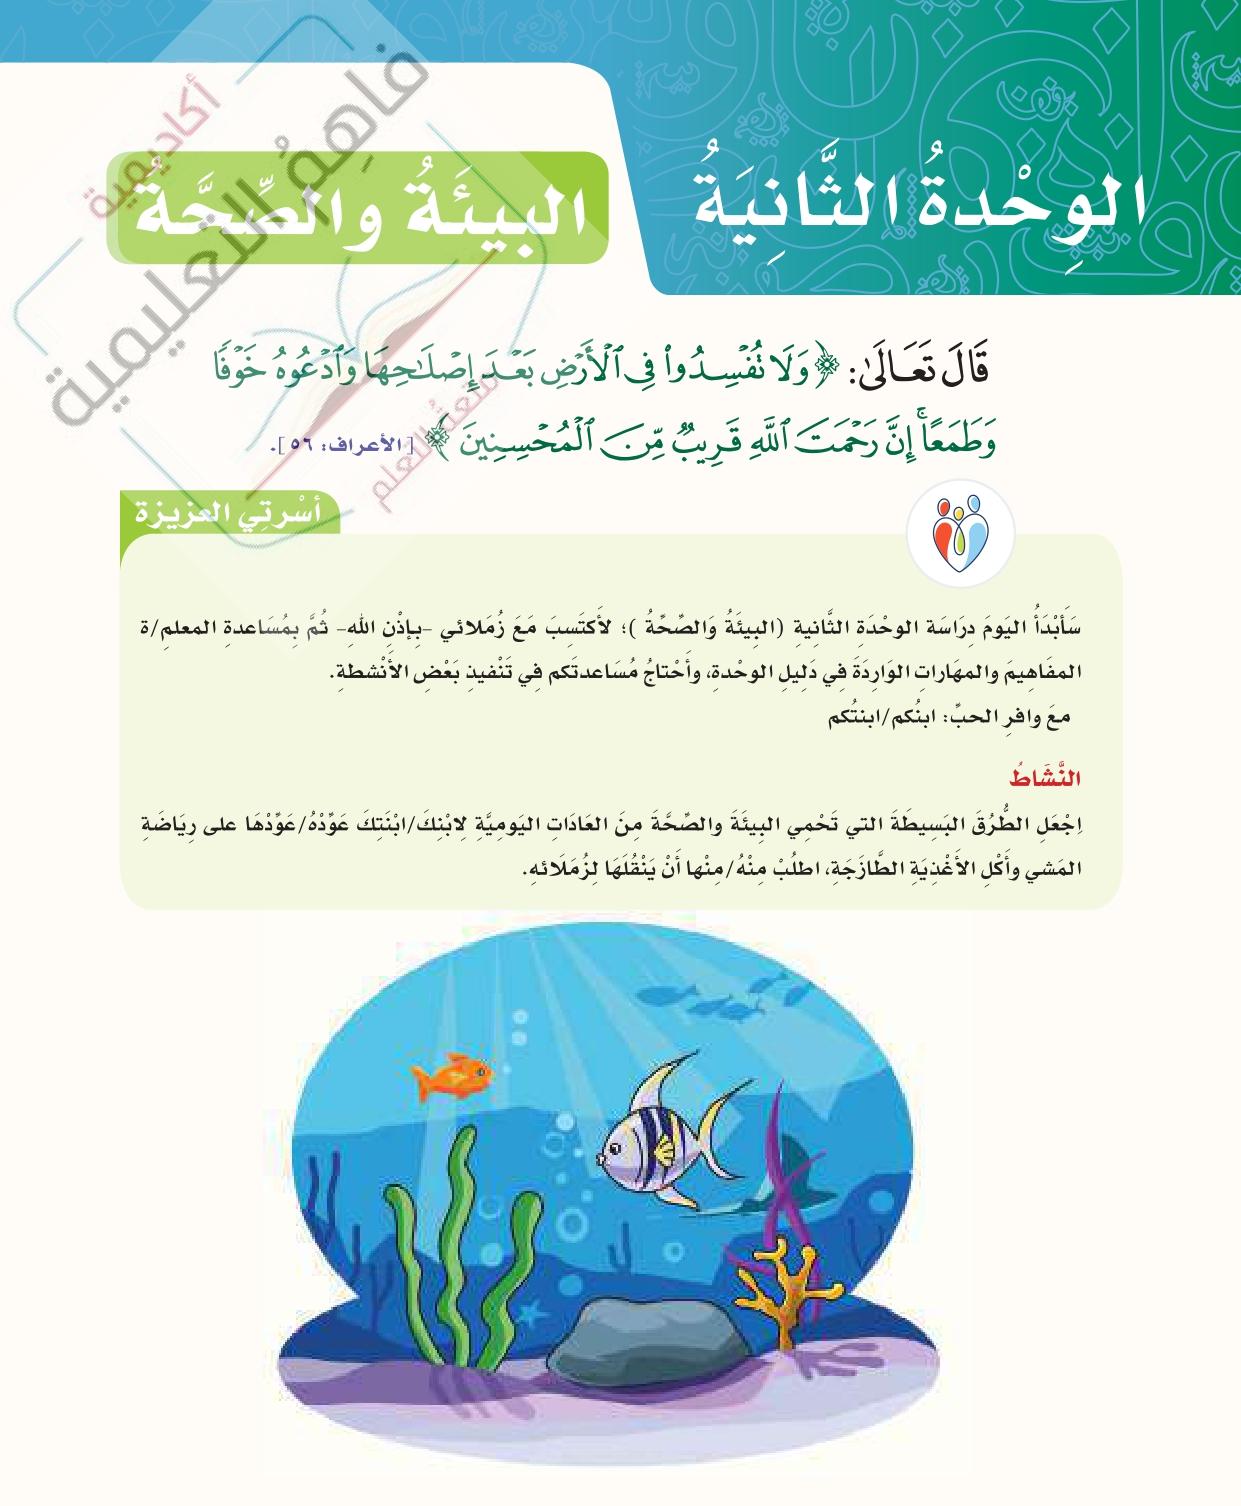 حل لغتي الصف الخامس- الوحدة الثانية – البيئة والصحة – صفحة 100-171